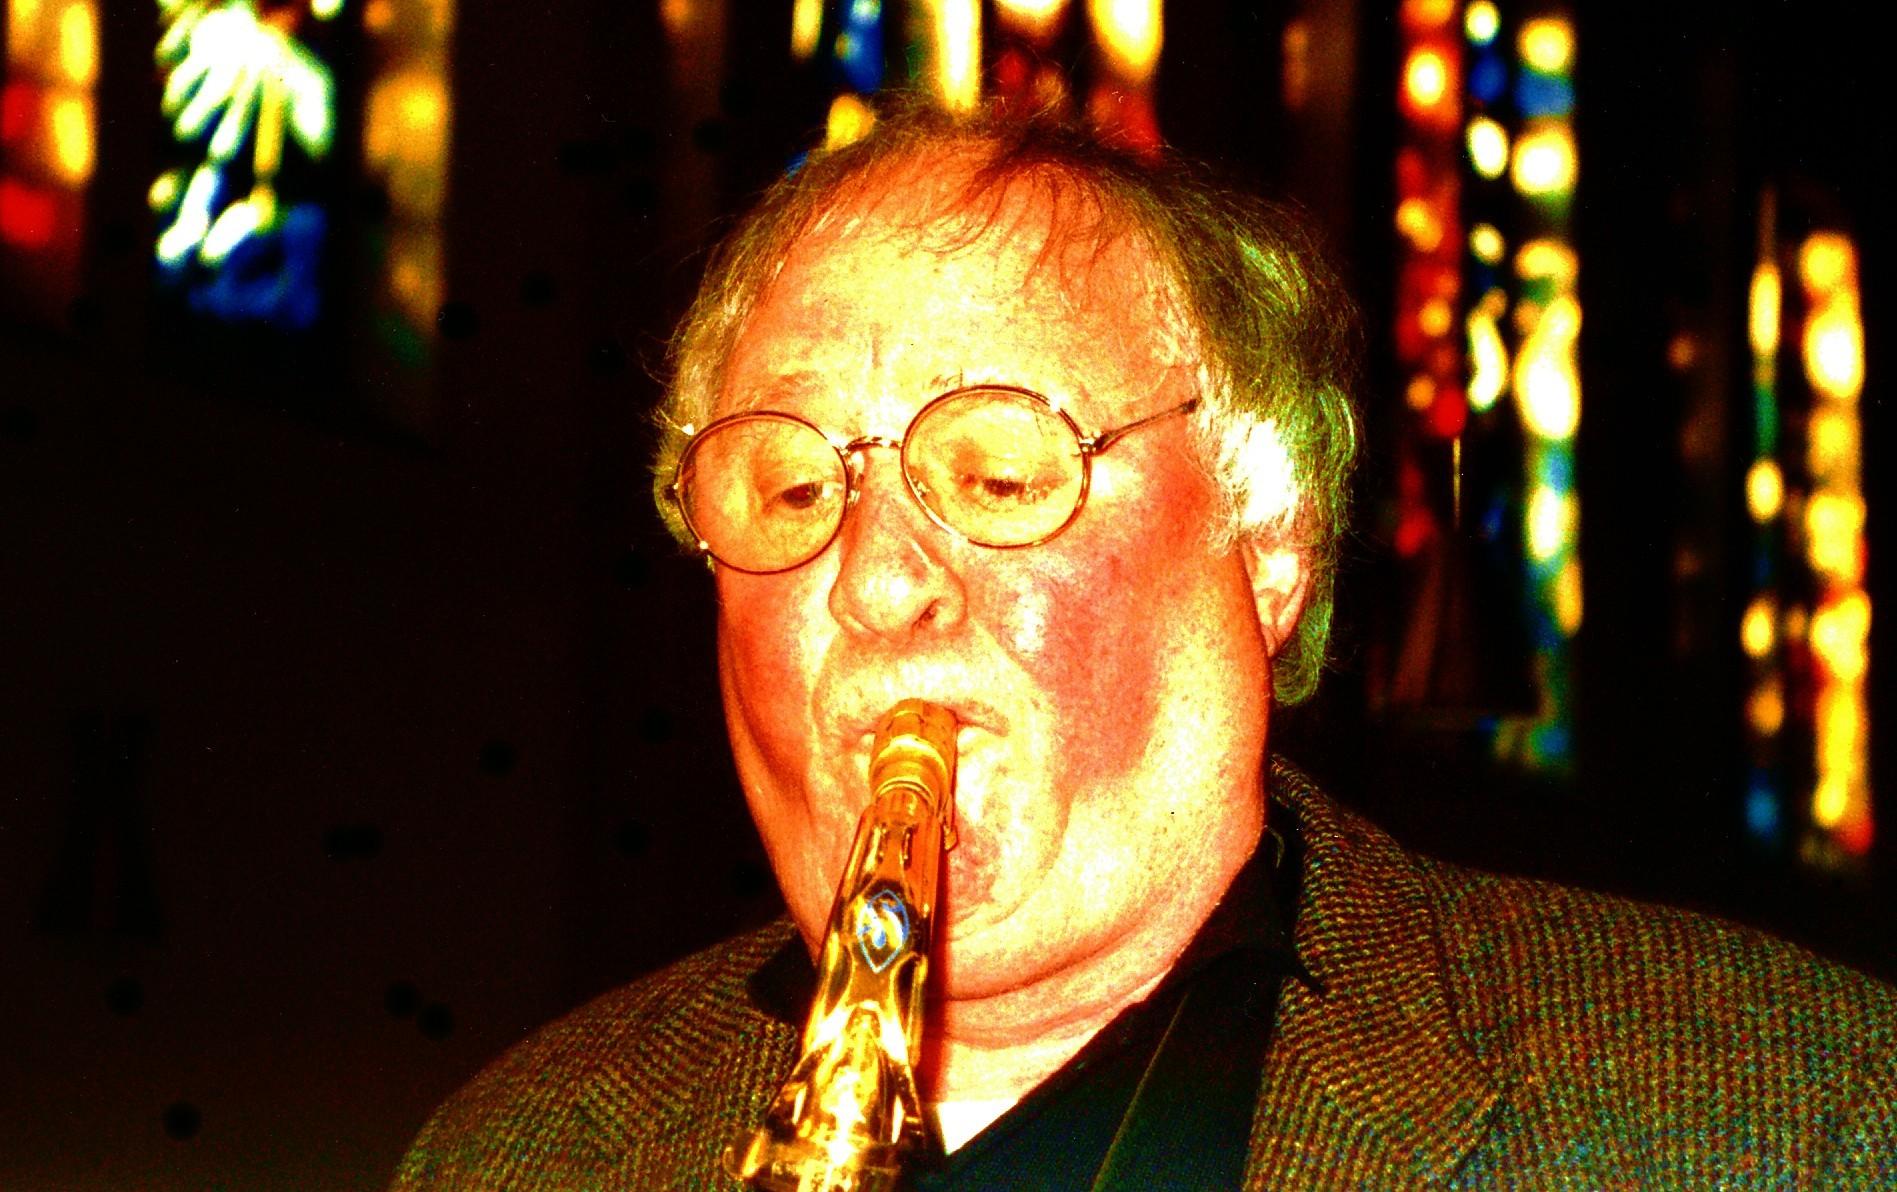 Emil Mangelsdorff as 1998